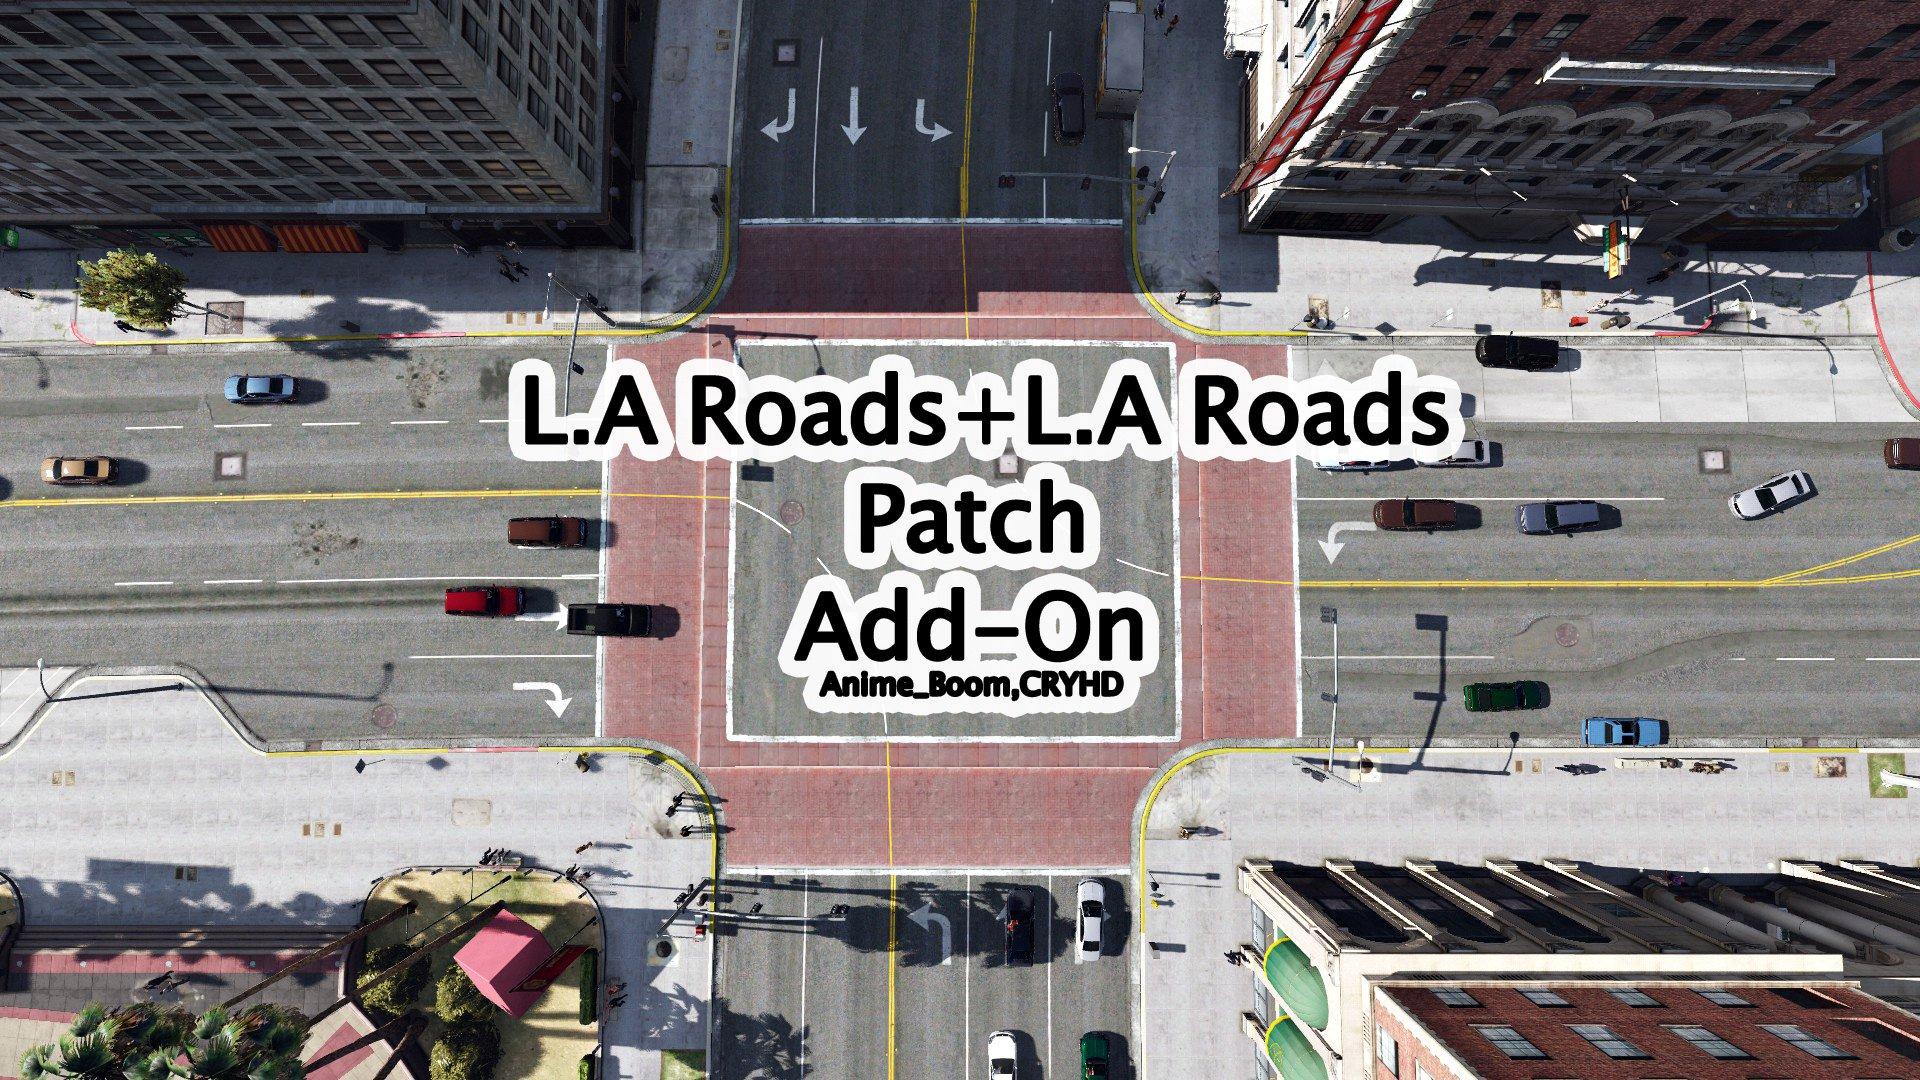 L.A. Roads + L.A. Roads Patch